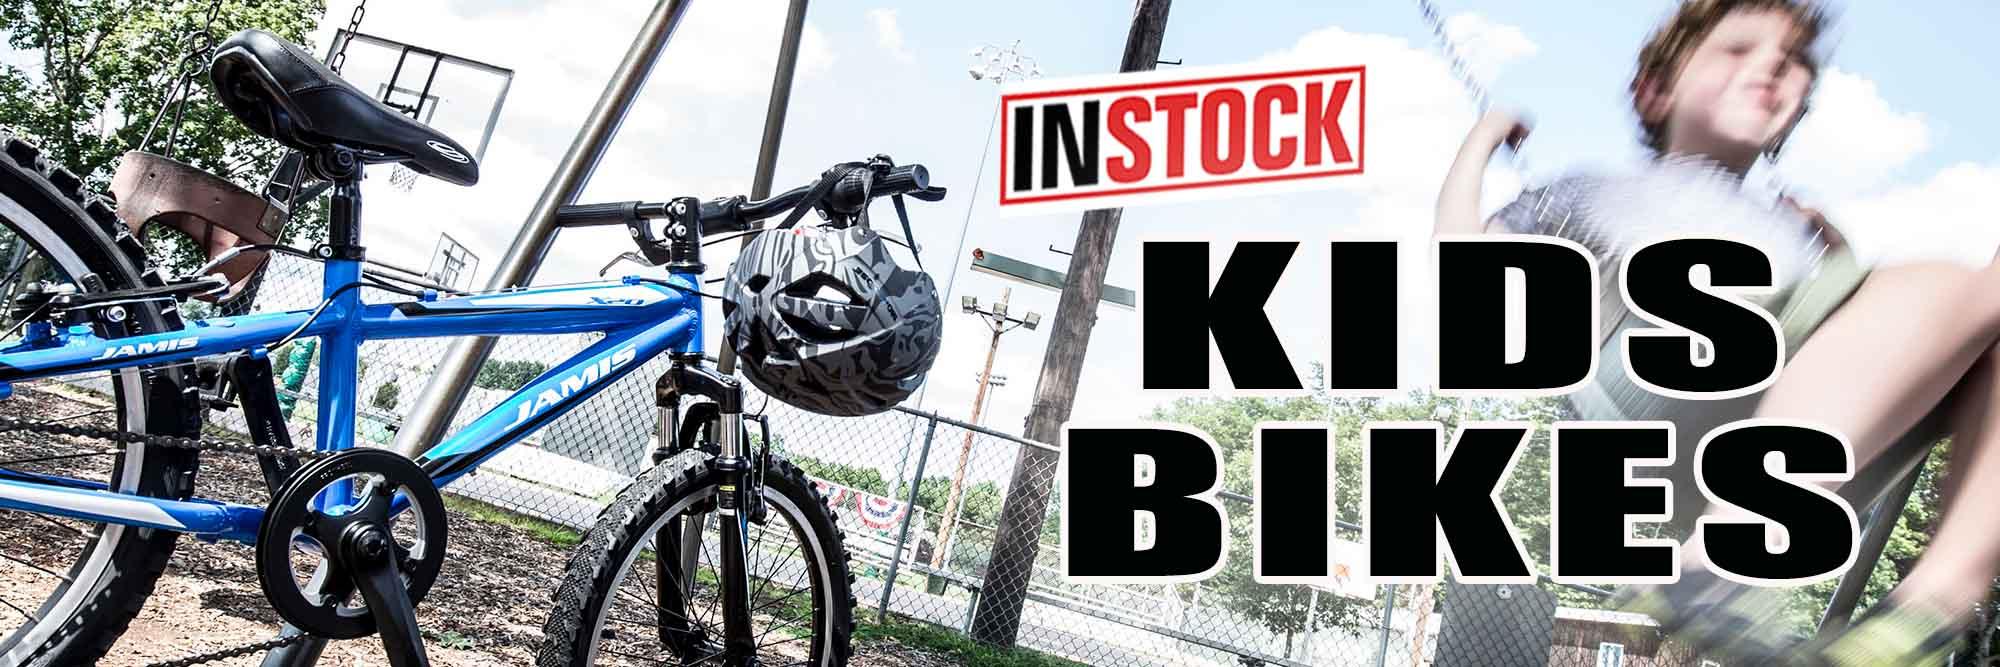 We Have Kids Bikes In-Stock